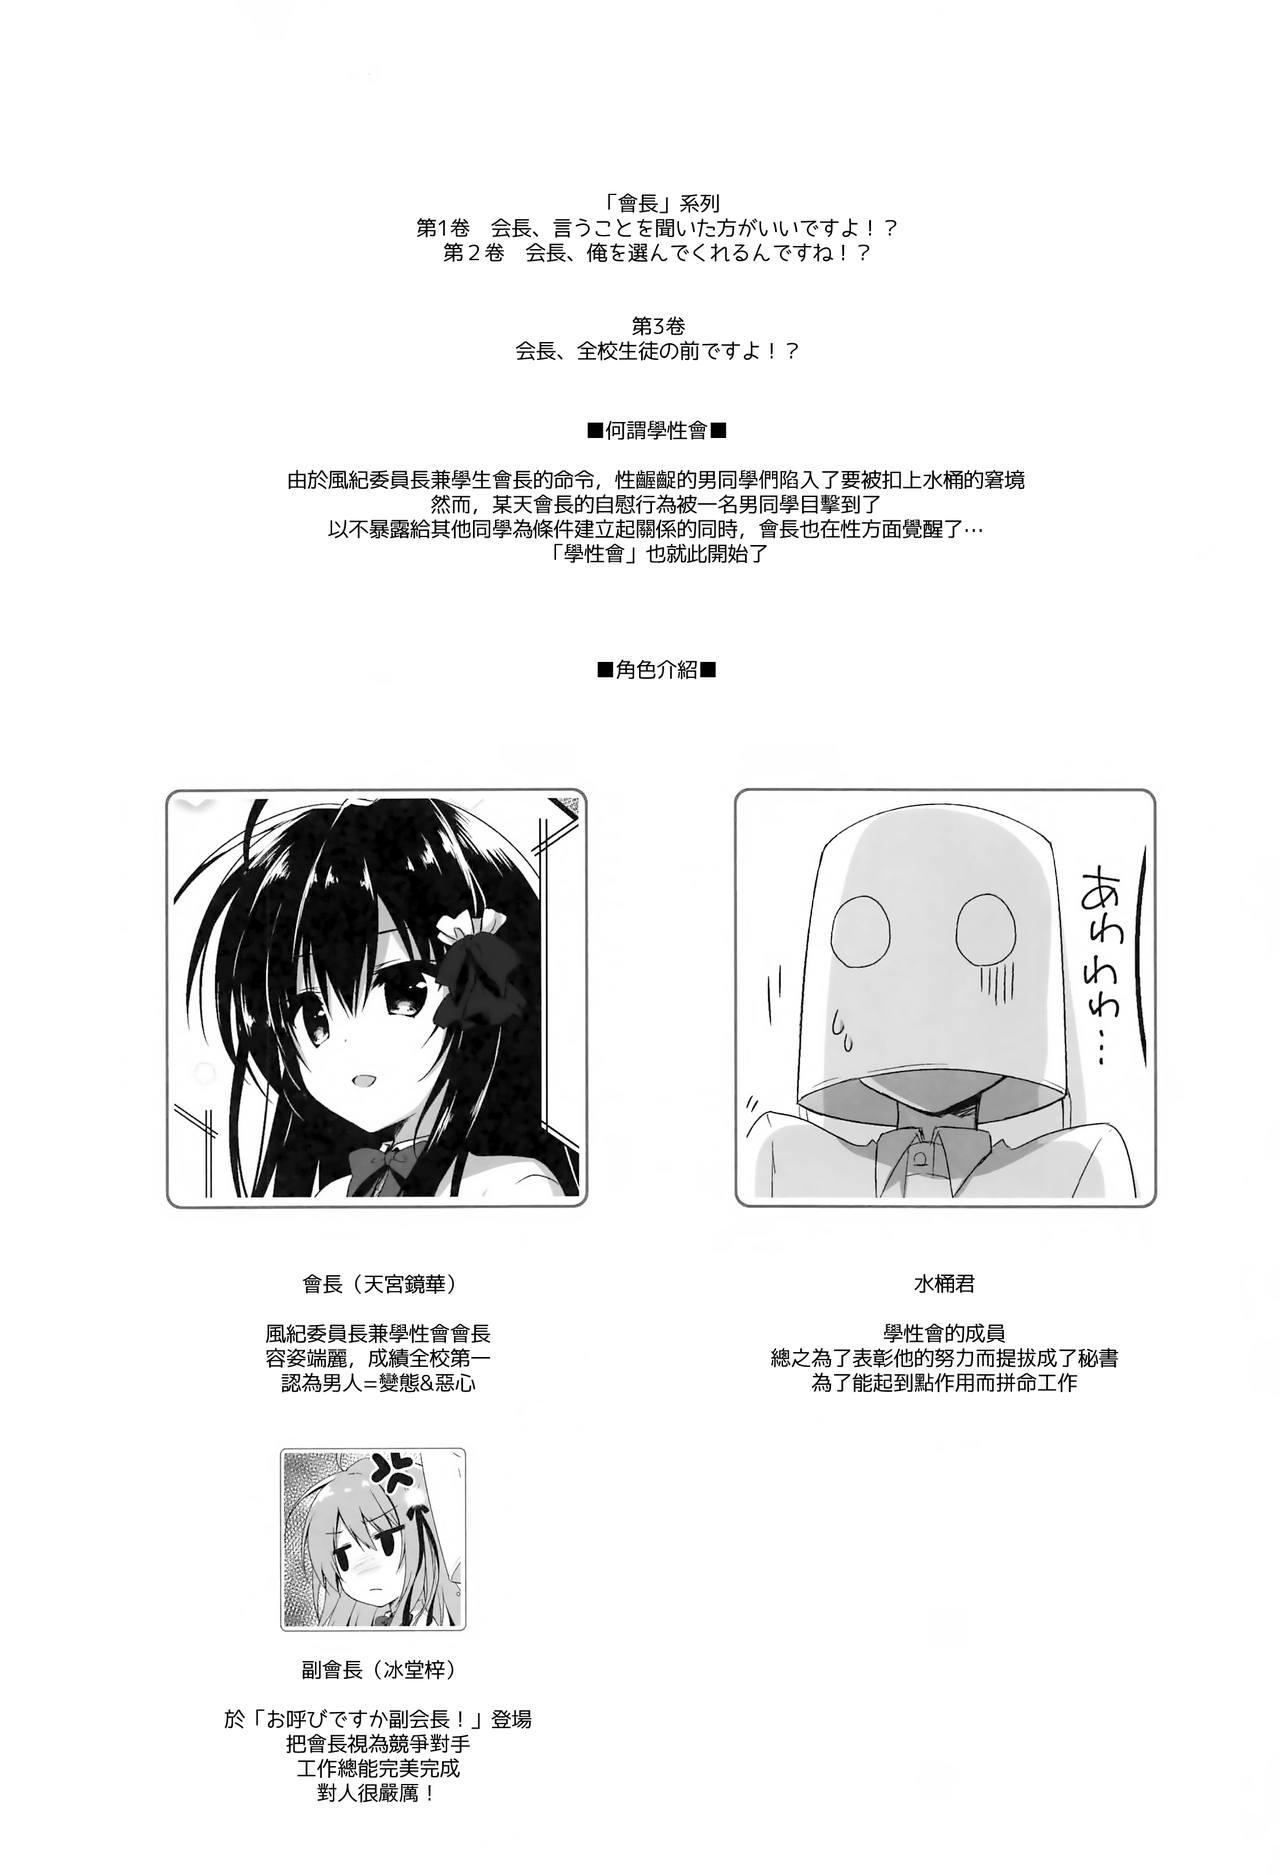 Kaichou, Zenkou Seito no Mae desu yo!? 3